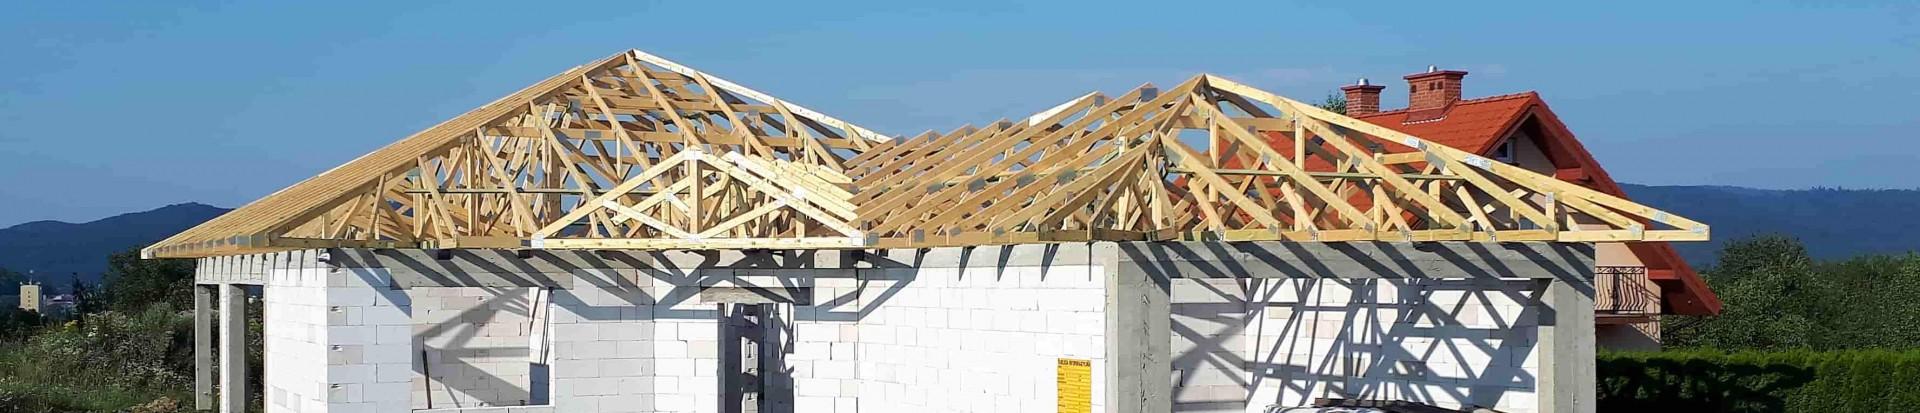 Realizacja konstrukcji dachowej domu w Sanoku